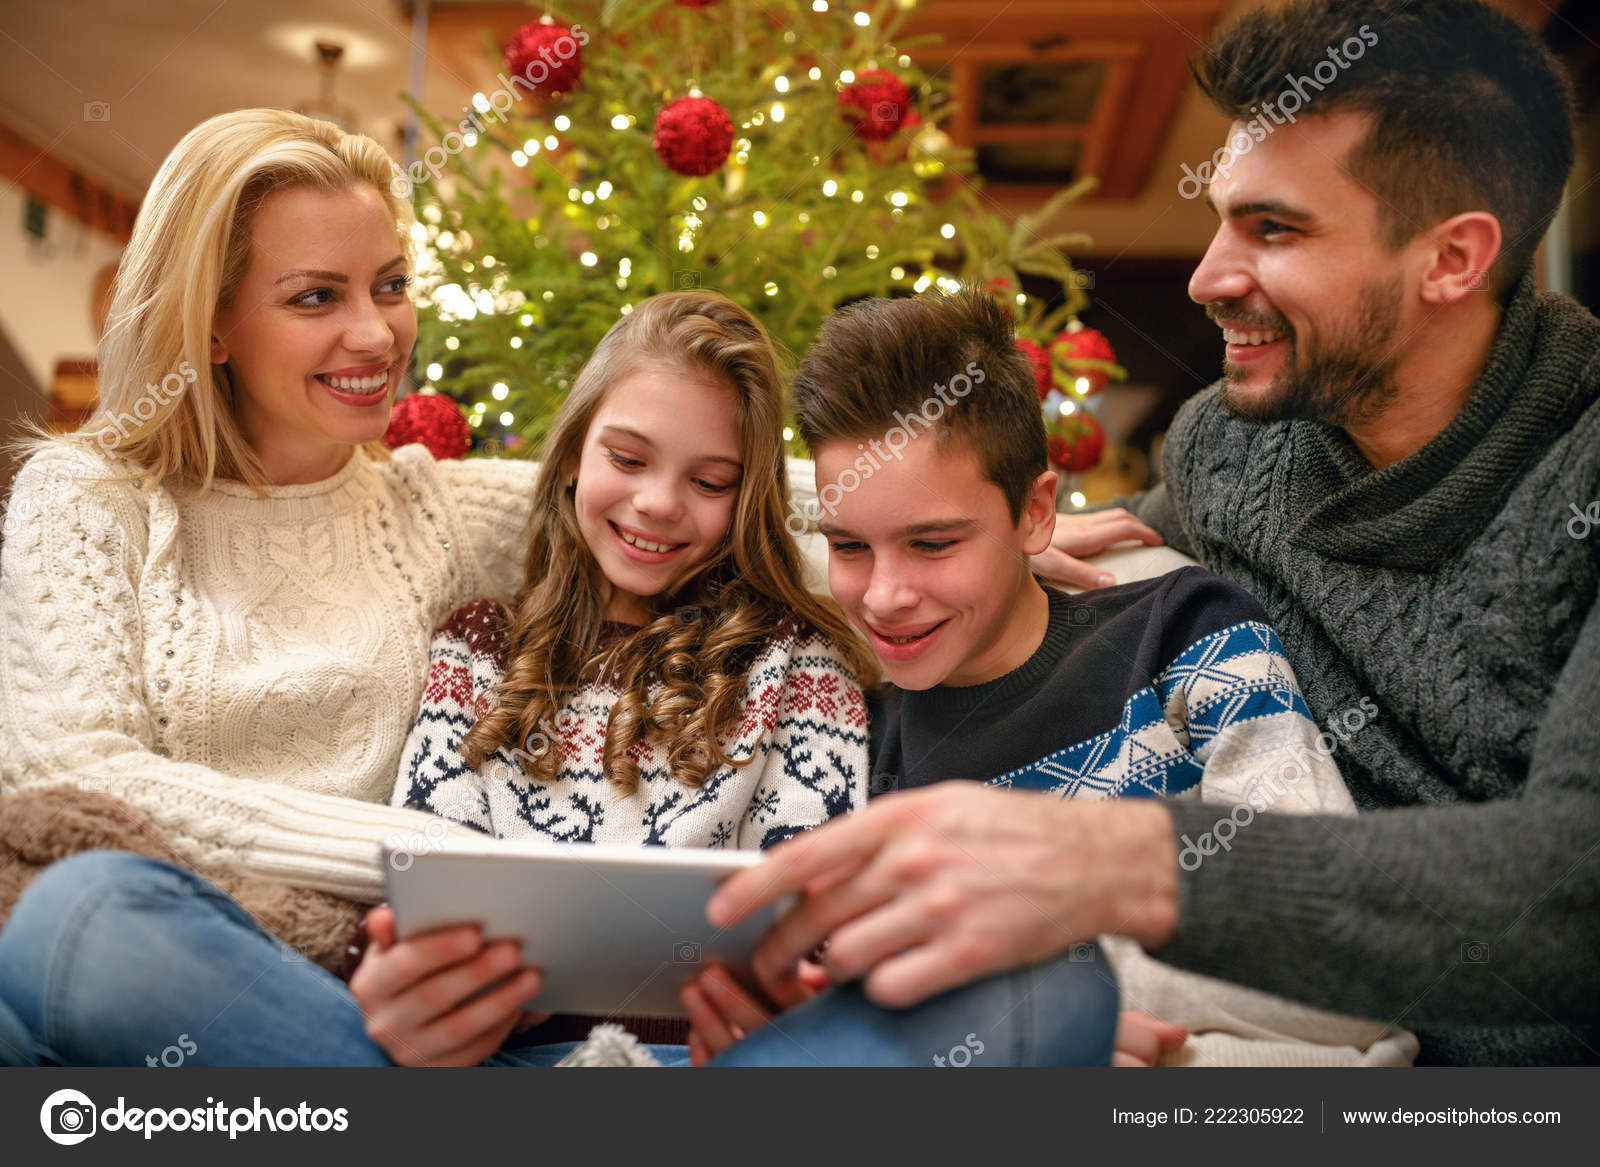 Weihnachtsbilder Suchen.Familie Spaß Beim Weihnachtsbilder Miteinander Suchen Stockfoto